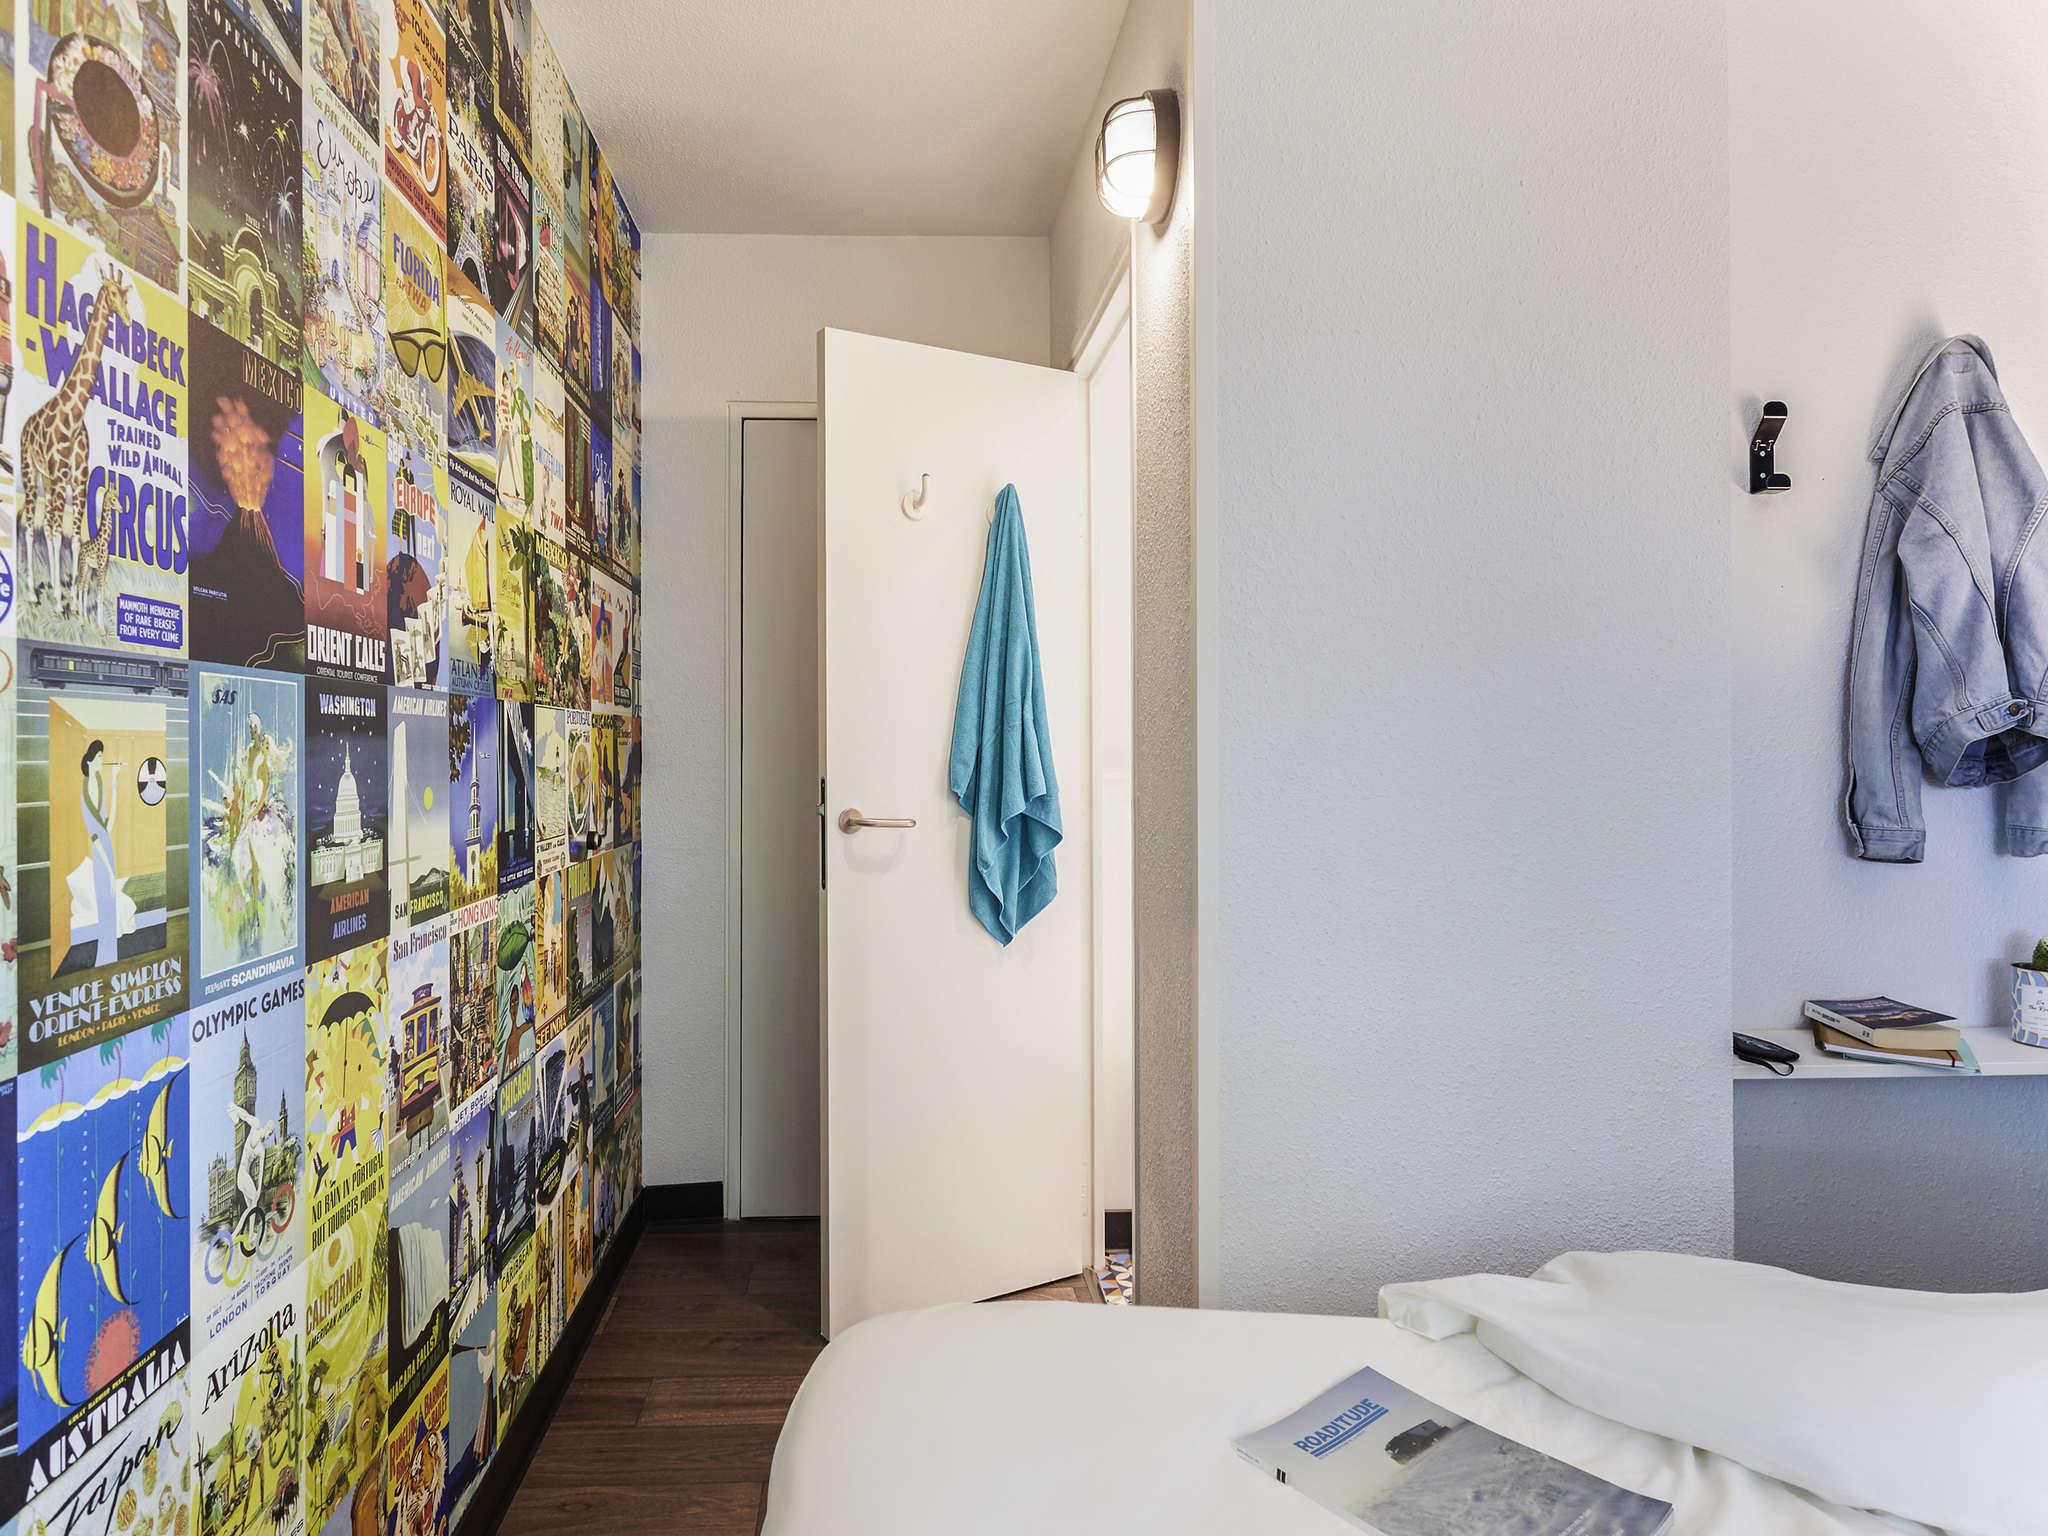 Hotel - hotelF1 Clermont Ferrand Est